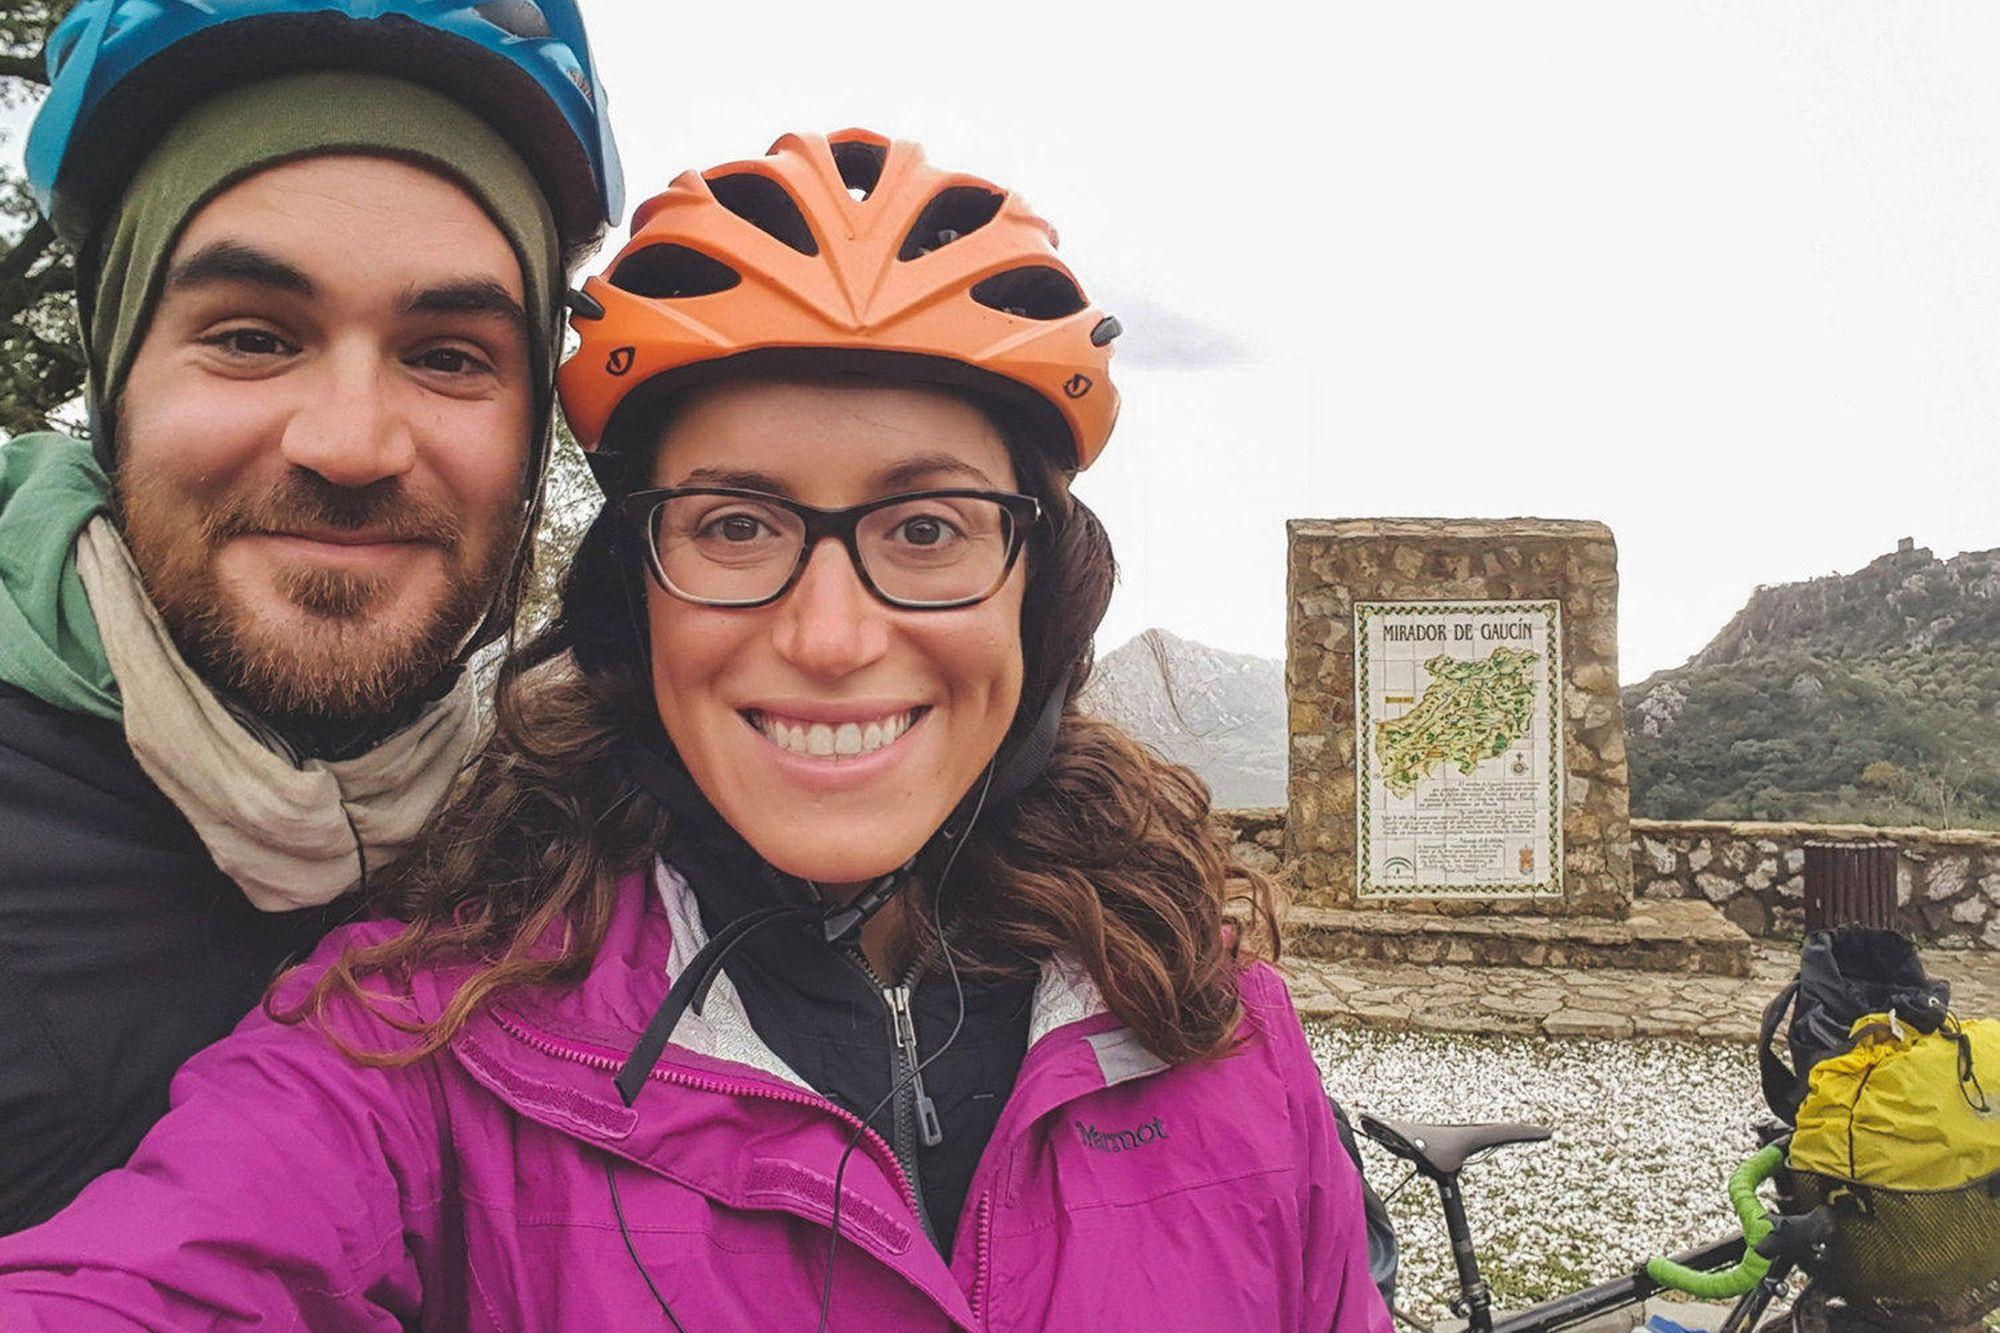 Casal que viajava ao redor do mundo de bicicleta é morto pelo EI